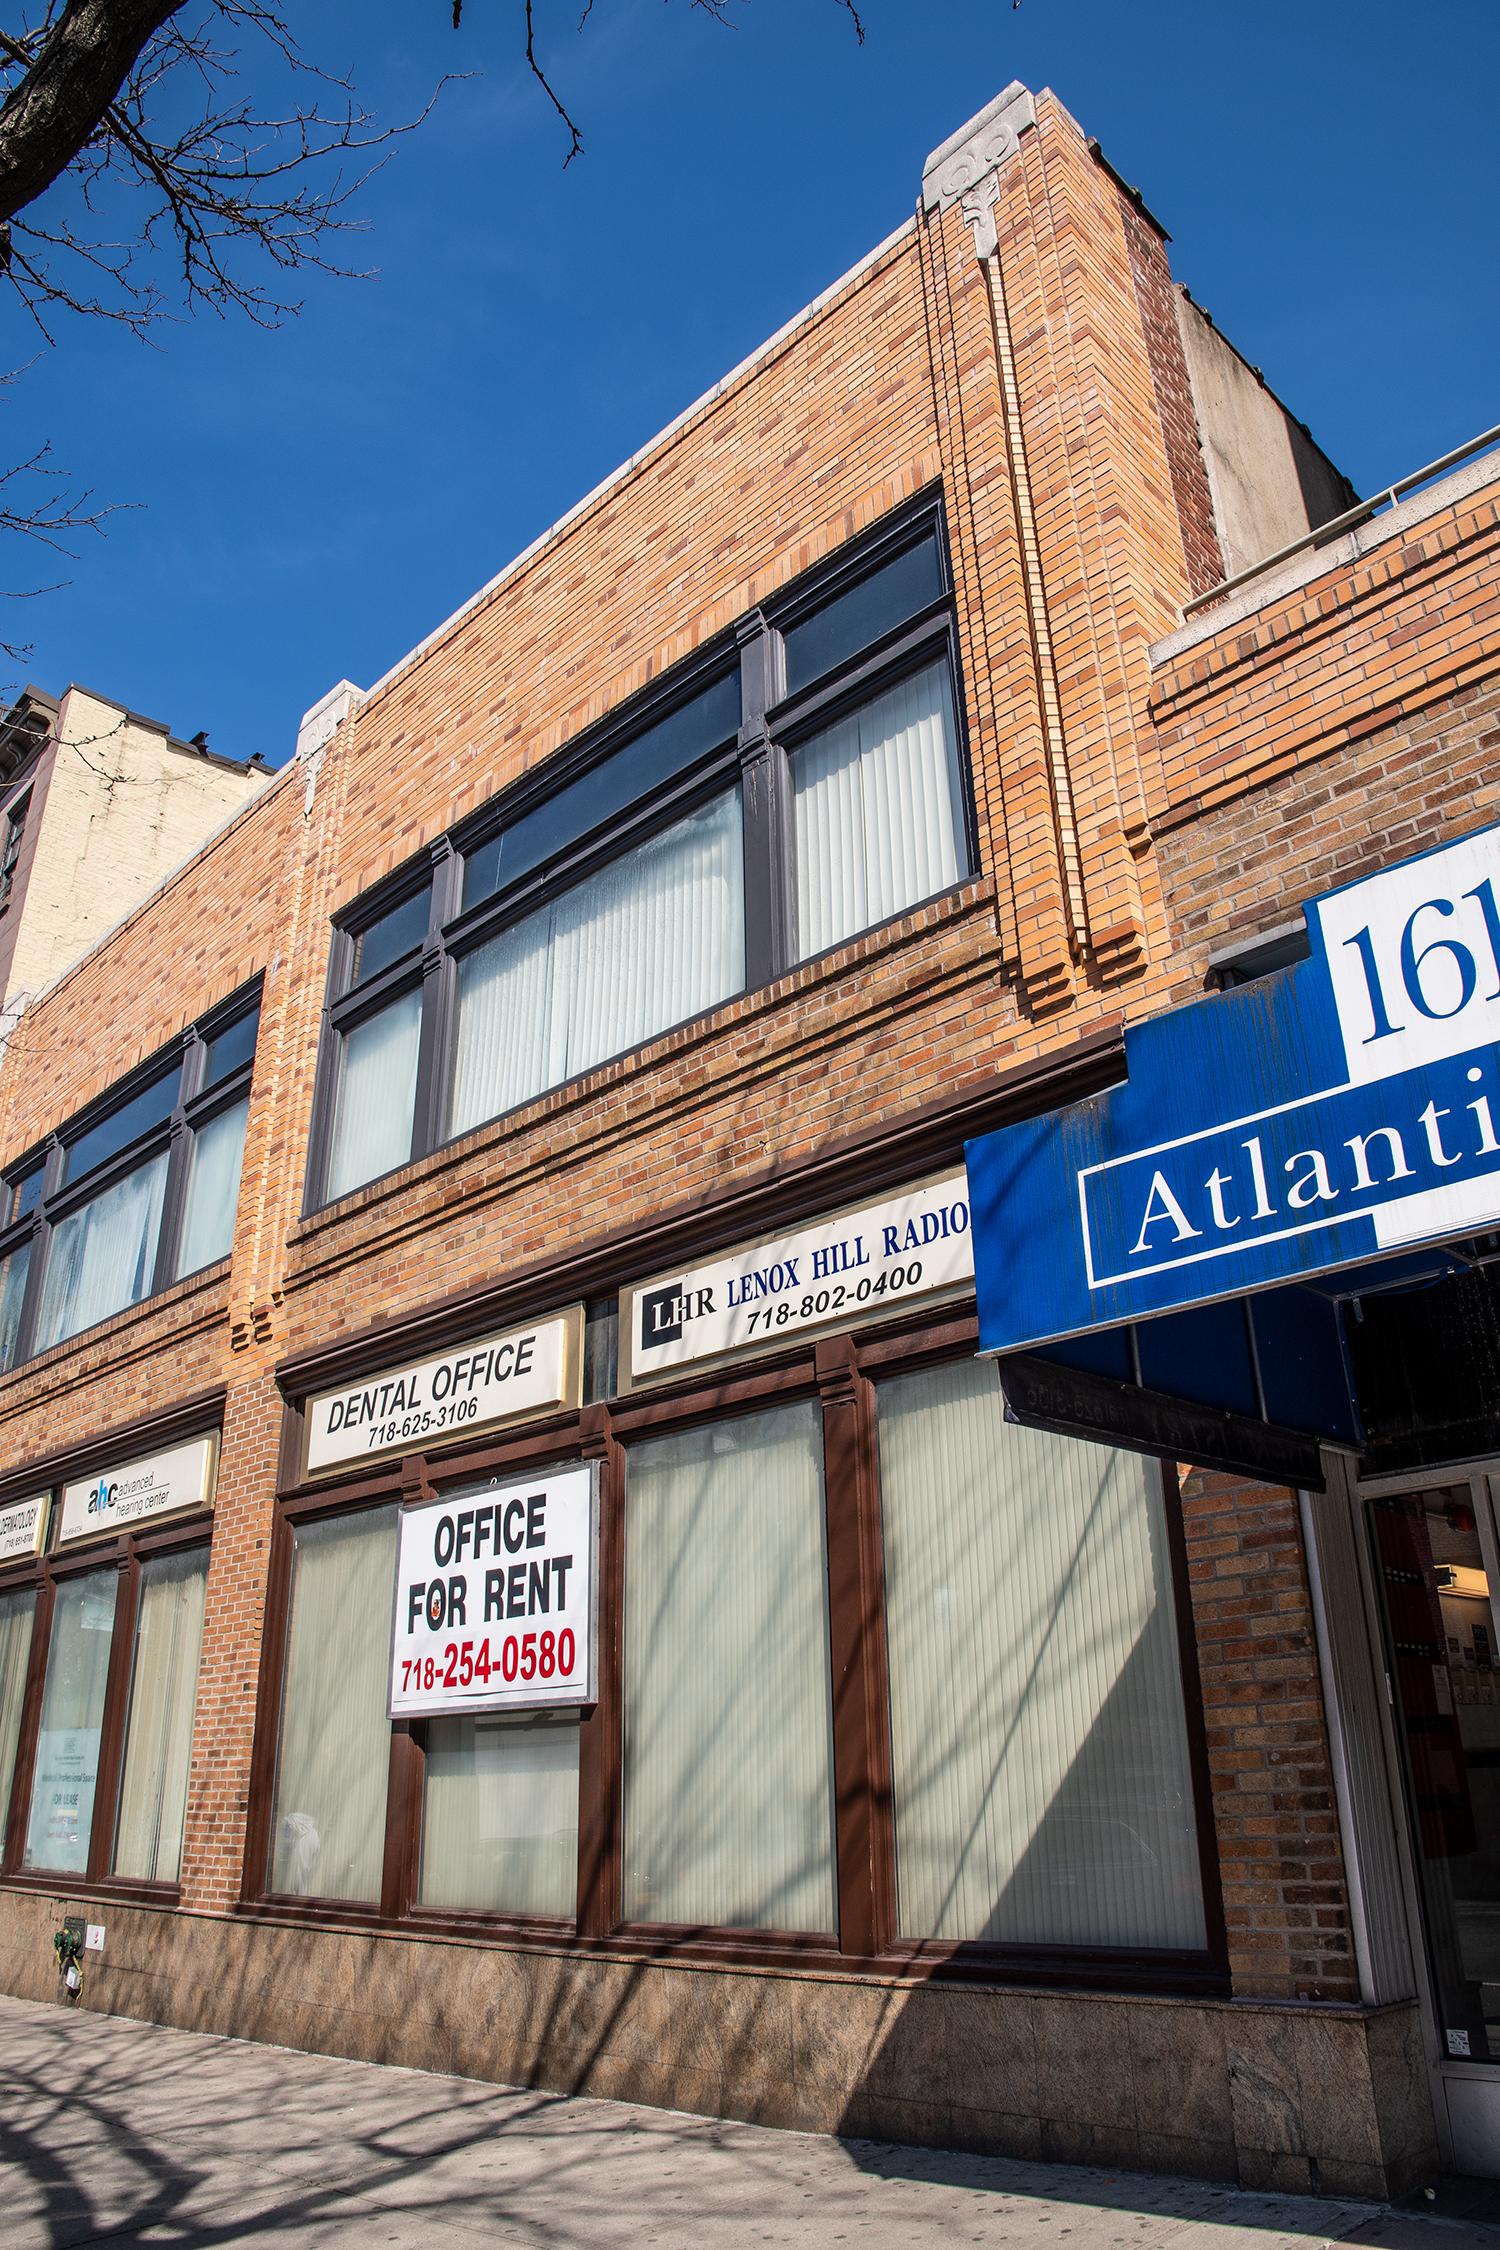 161 atlantic avenue -